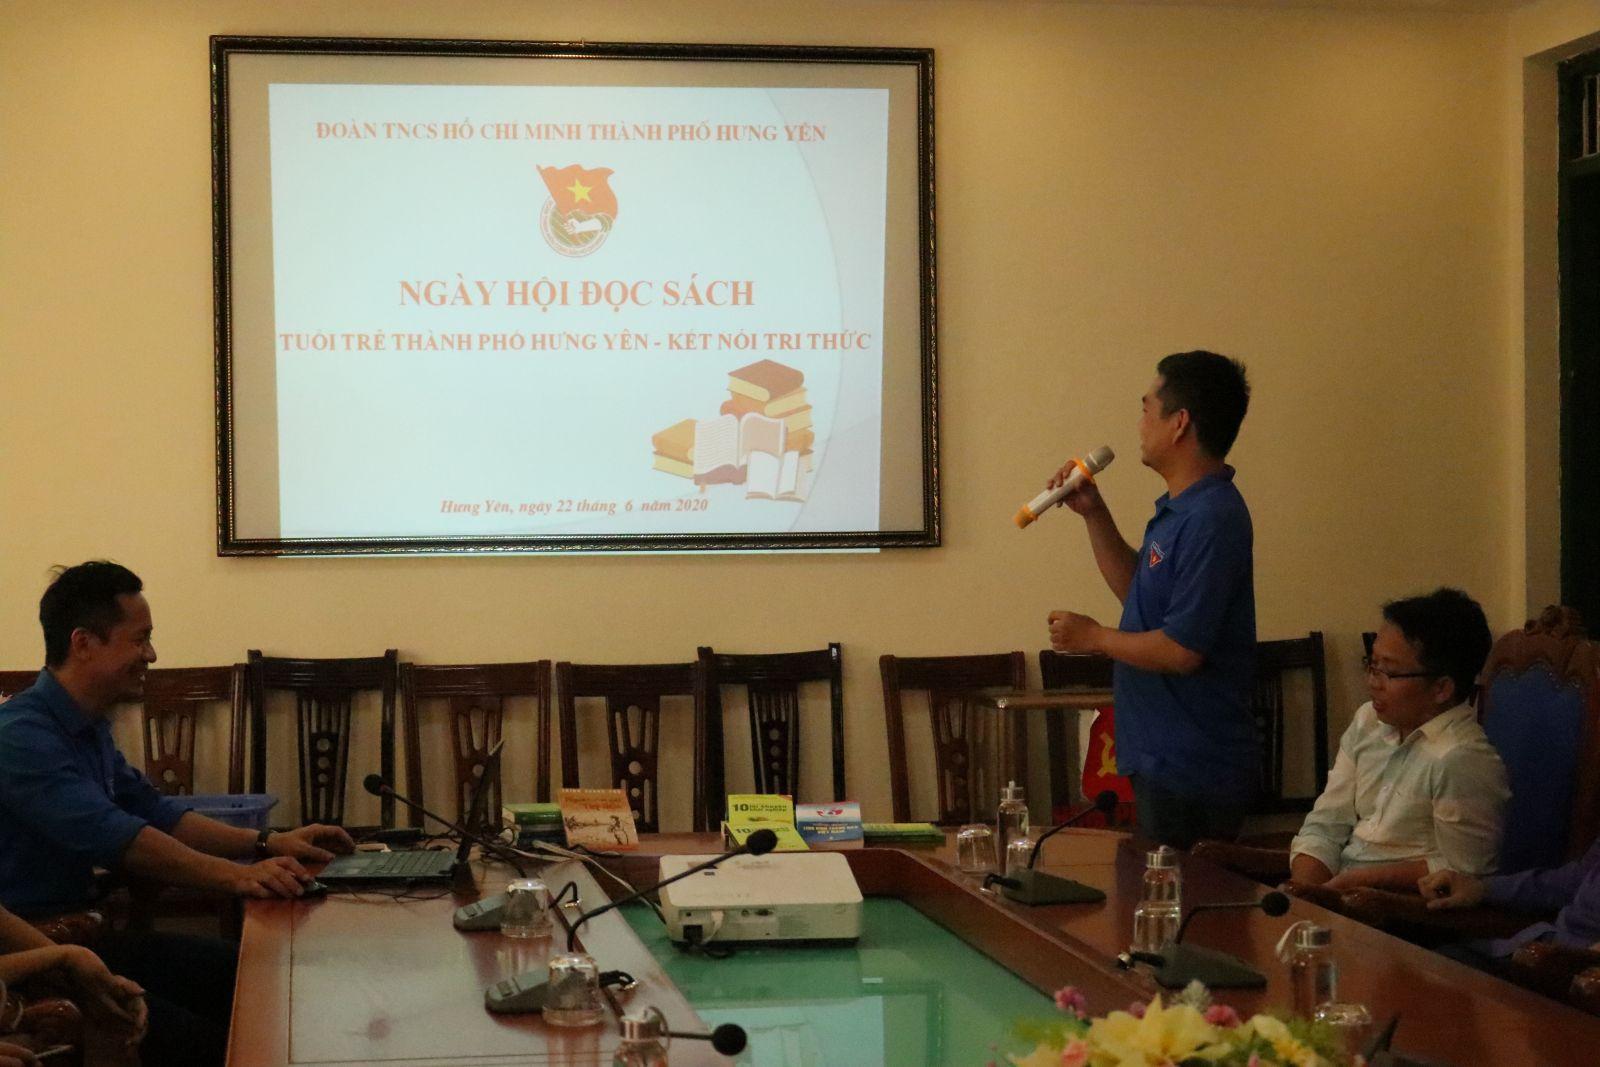 Thành đoàn Hưng Yên tổ chức Ngày hội đọc sách - Kết nối tri thức